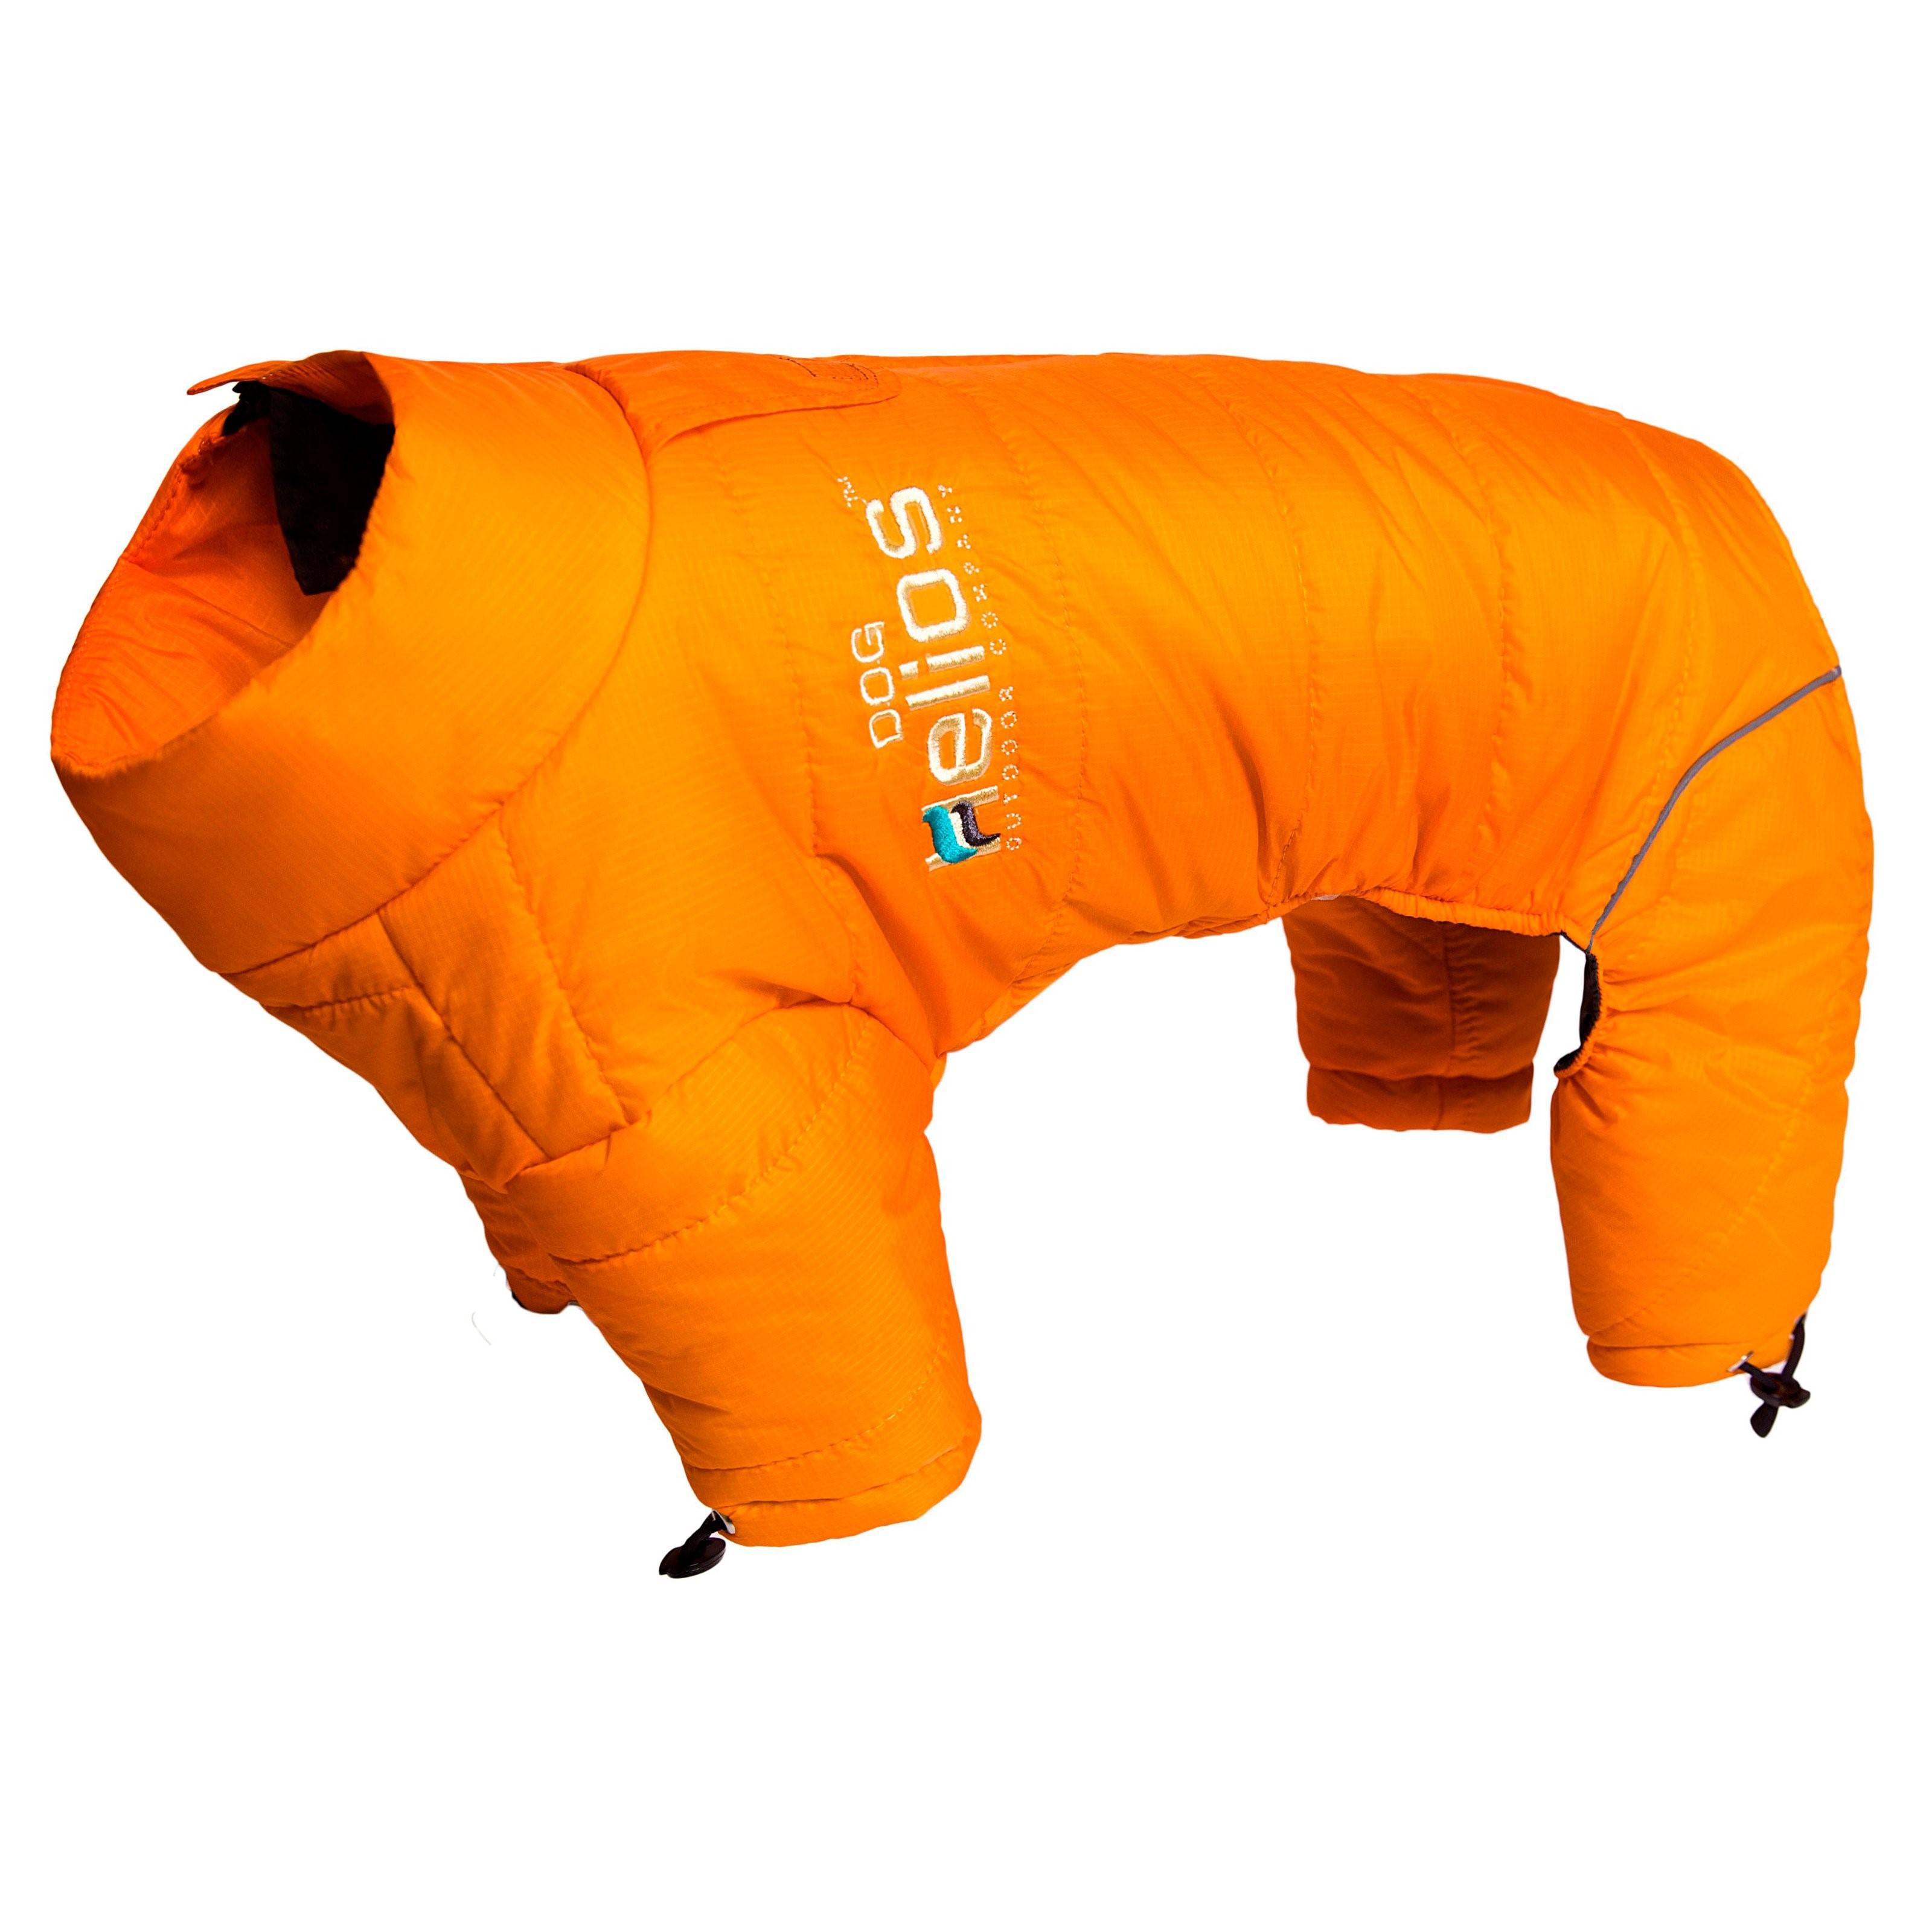 Pet Life Helios Thunder-Crackle Full-Body Waded-Plush Adjustable and 3M Reflective Dog Jacket